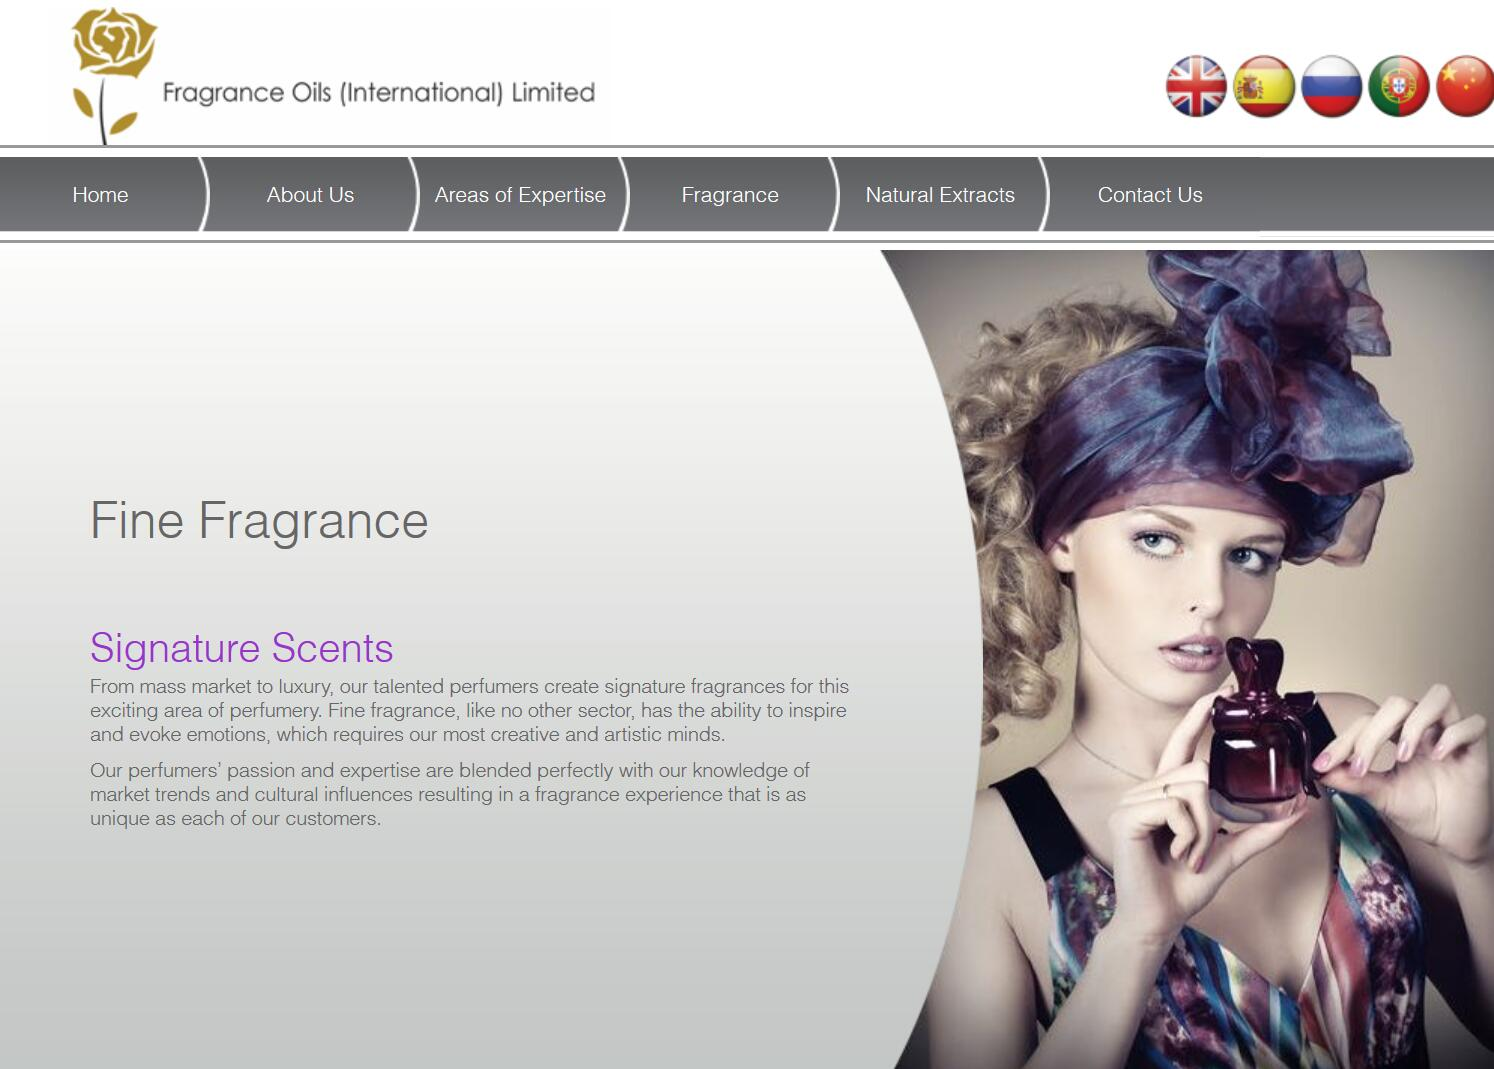 瑞士香水原料巨头 Givaudan 收购英国香水制造商 Fragrance Oils